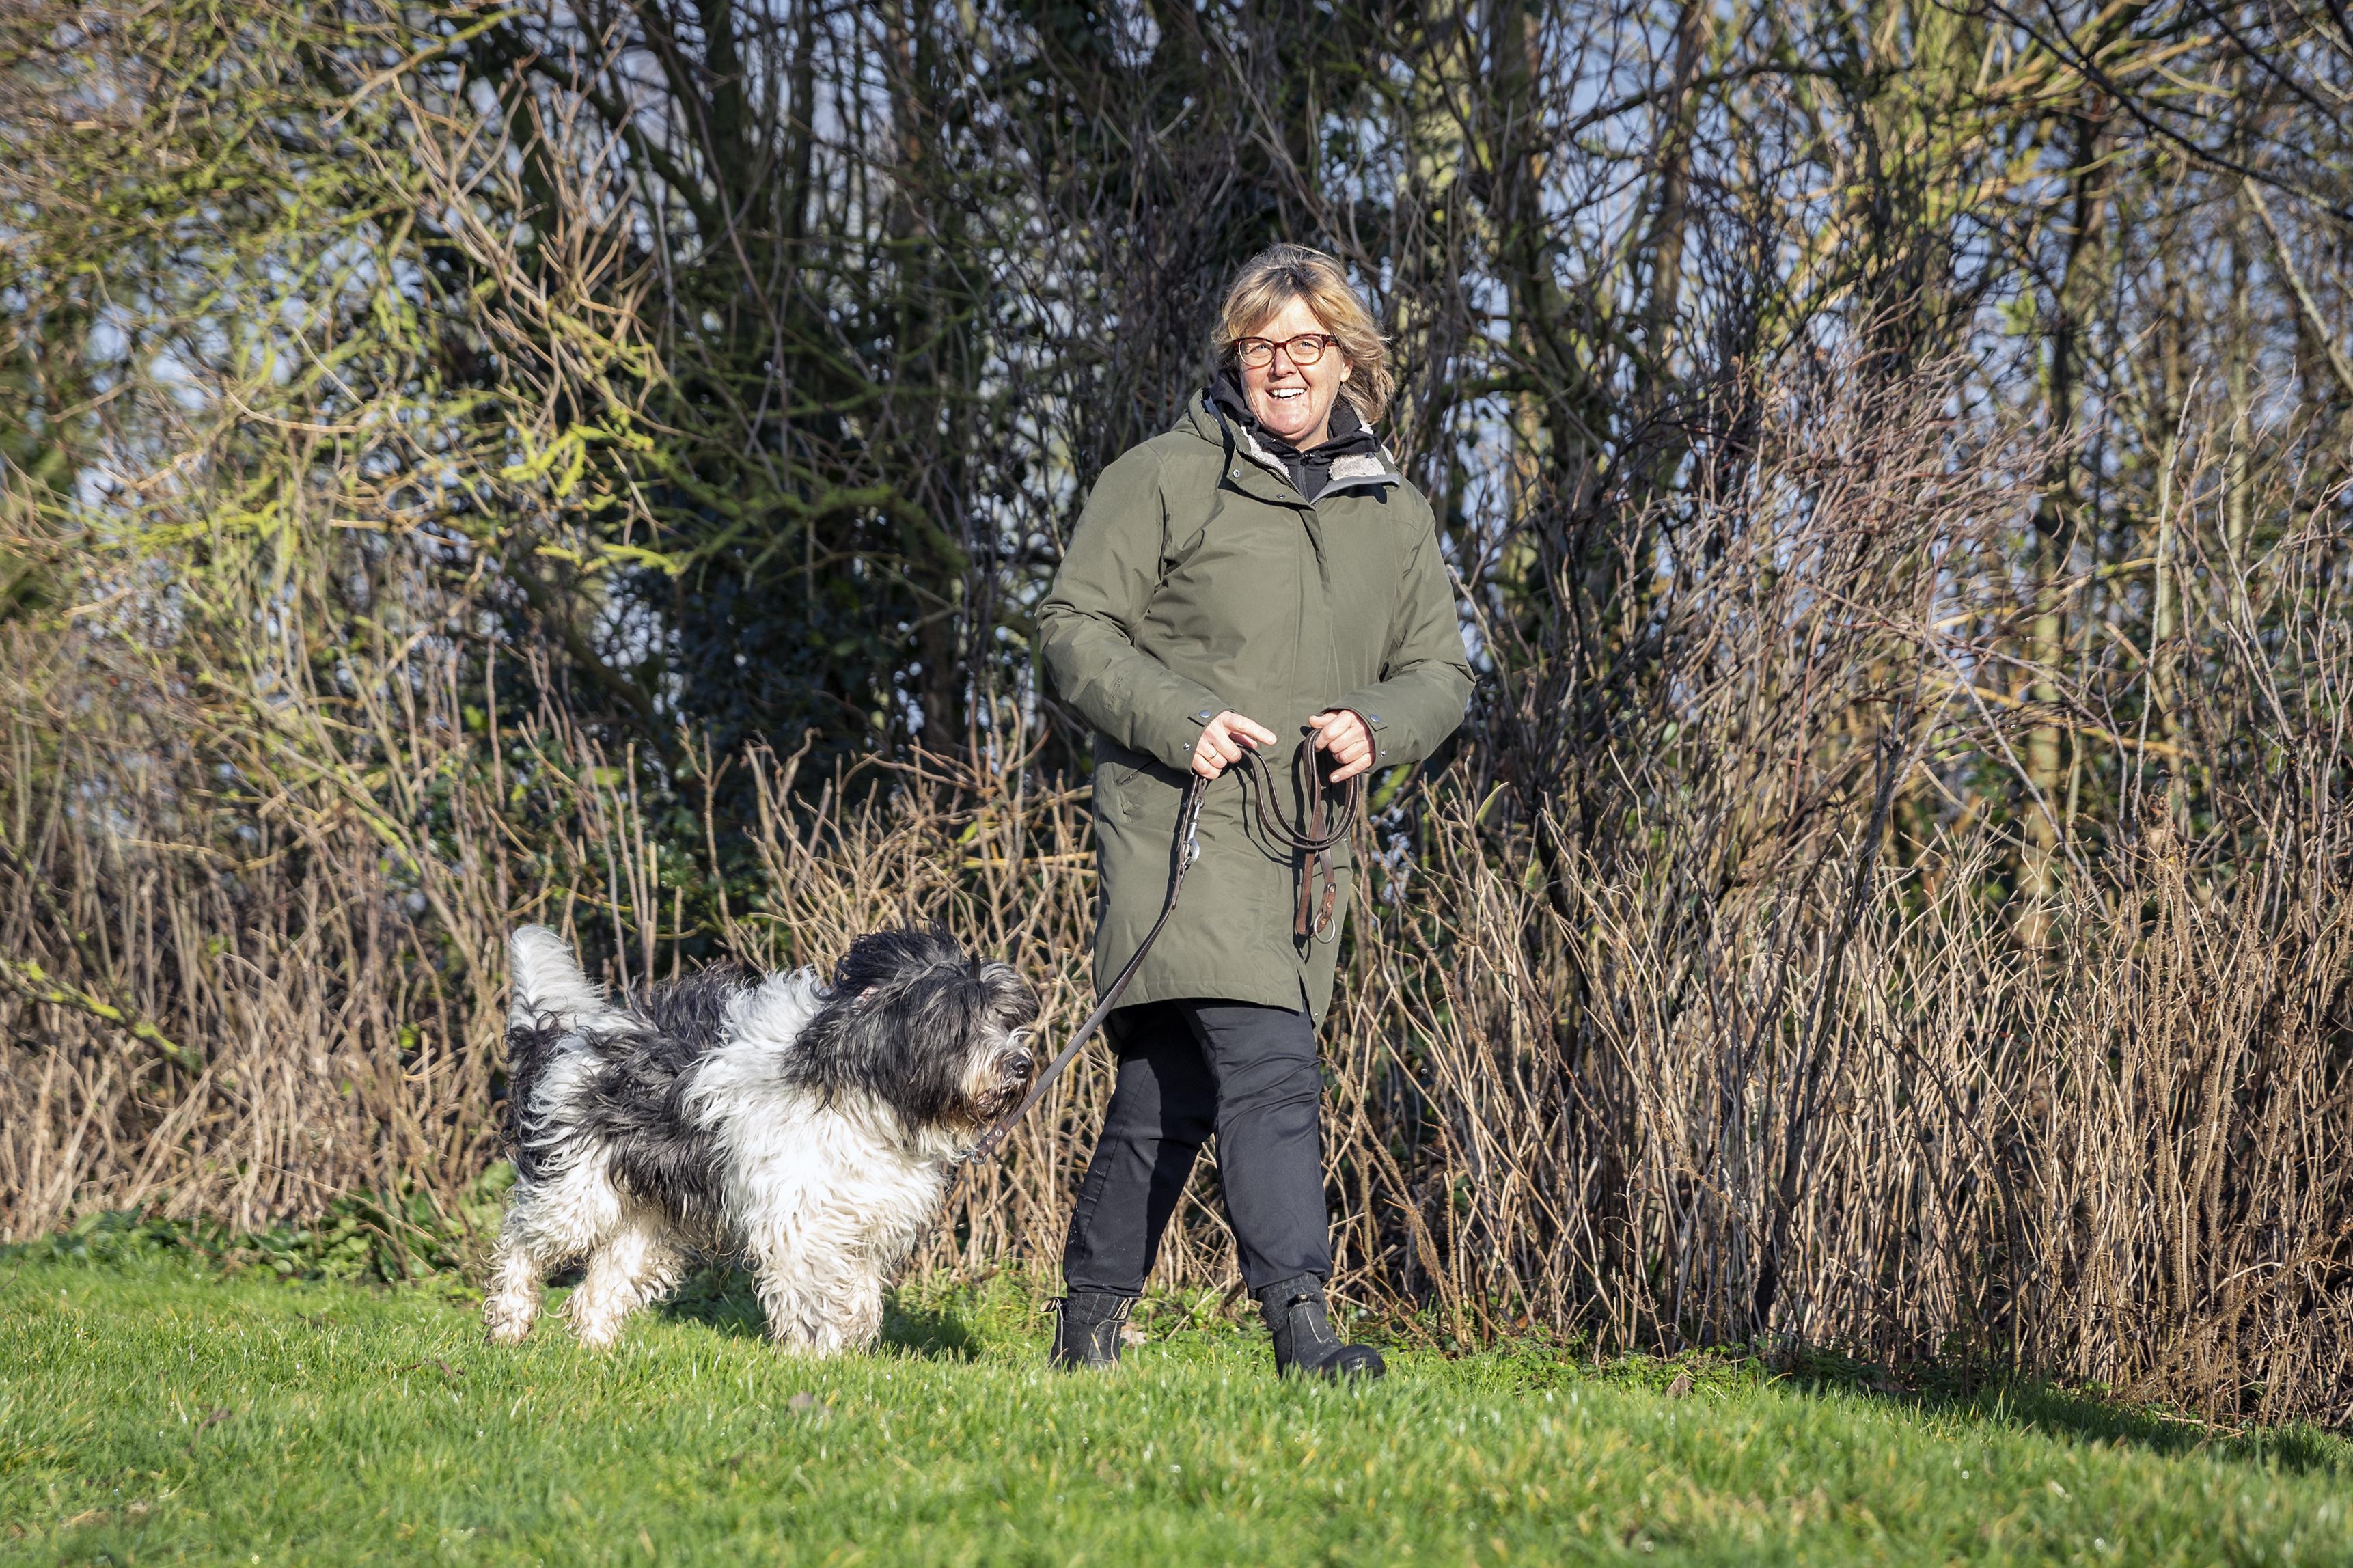 Sabien Bosman reed haar bedrijfsauto total loss op beruchte kruising Pontweg in Den Burg. Dankzij crowdfunding komt er een nieuwe